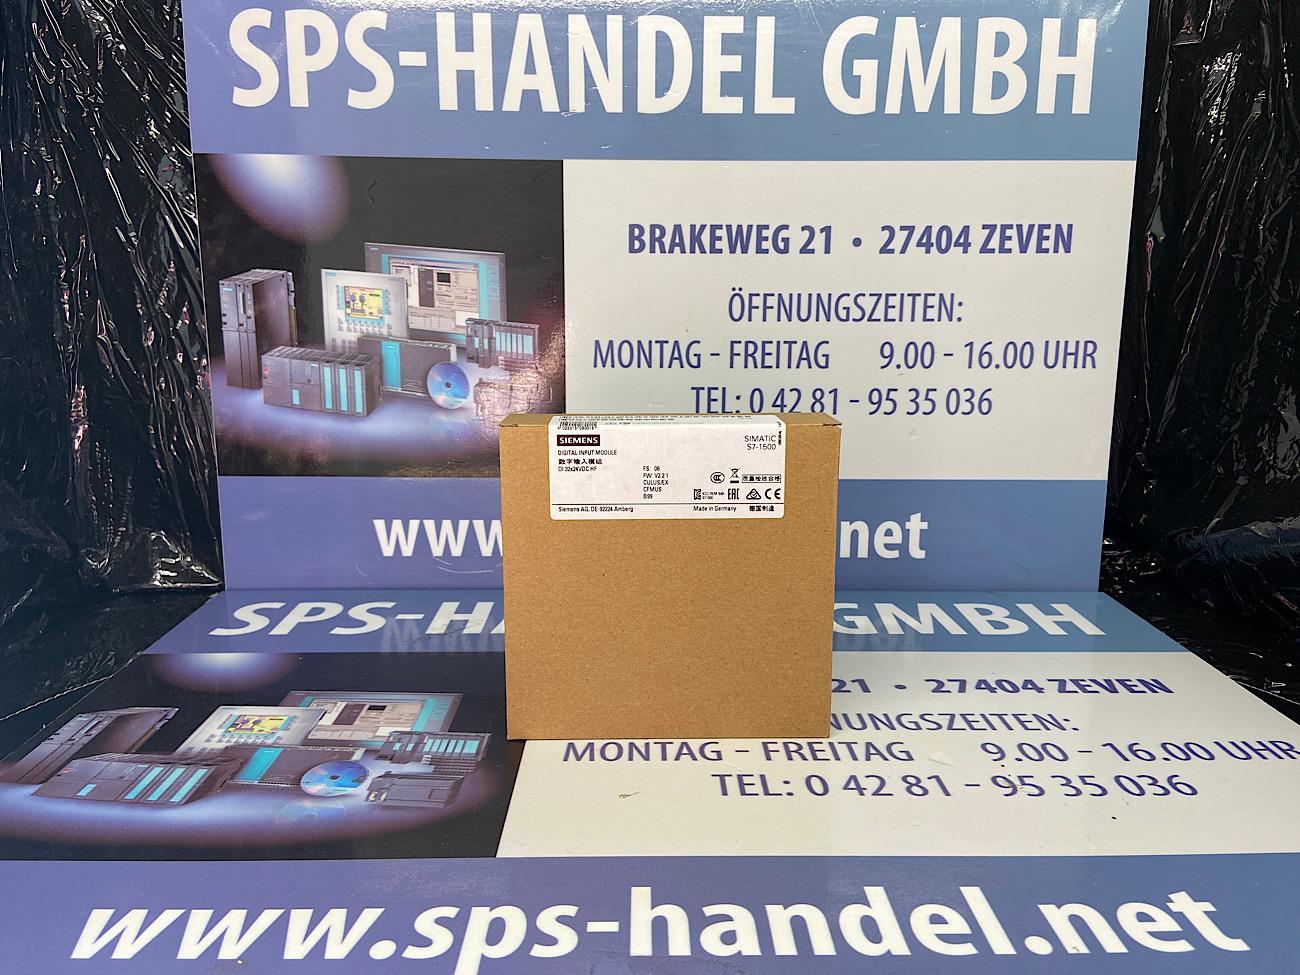 6ES7521-1BL00-0AB0 | S7-1500 DI32xDC | NEU Siegel 26%